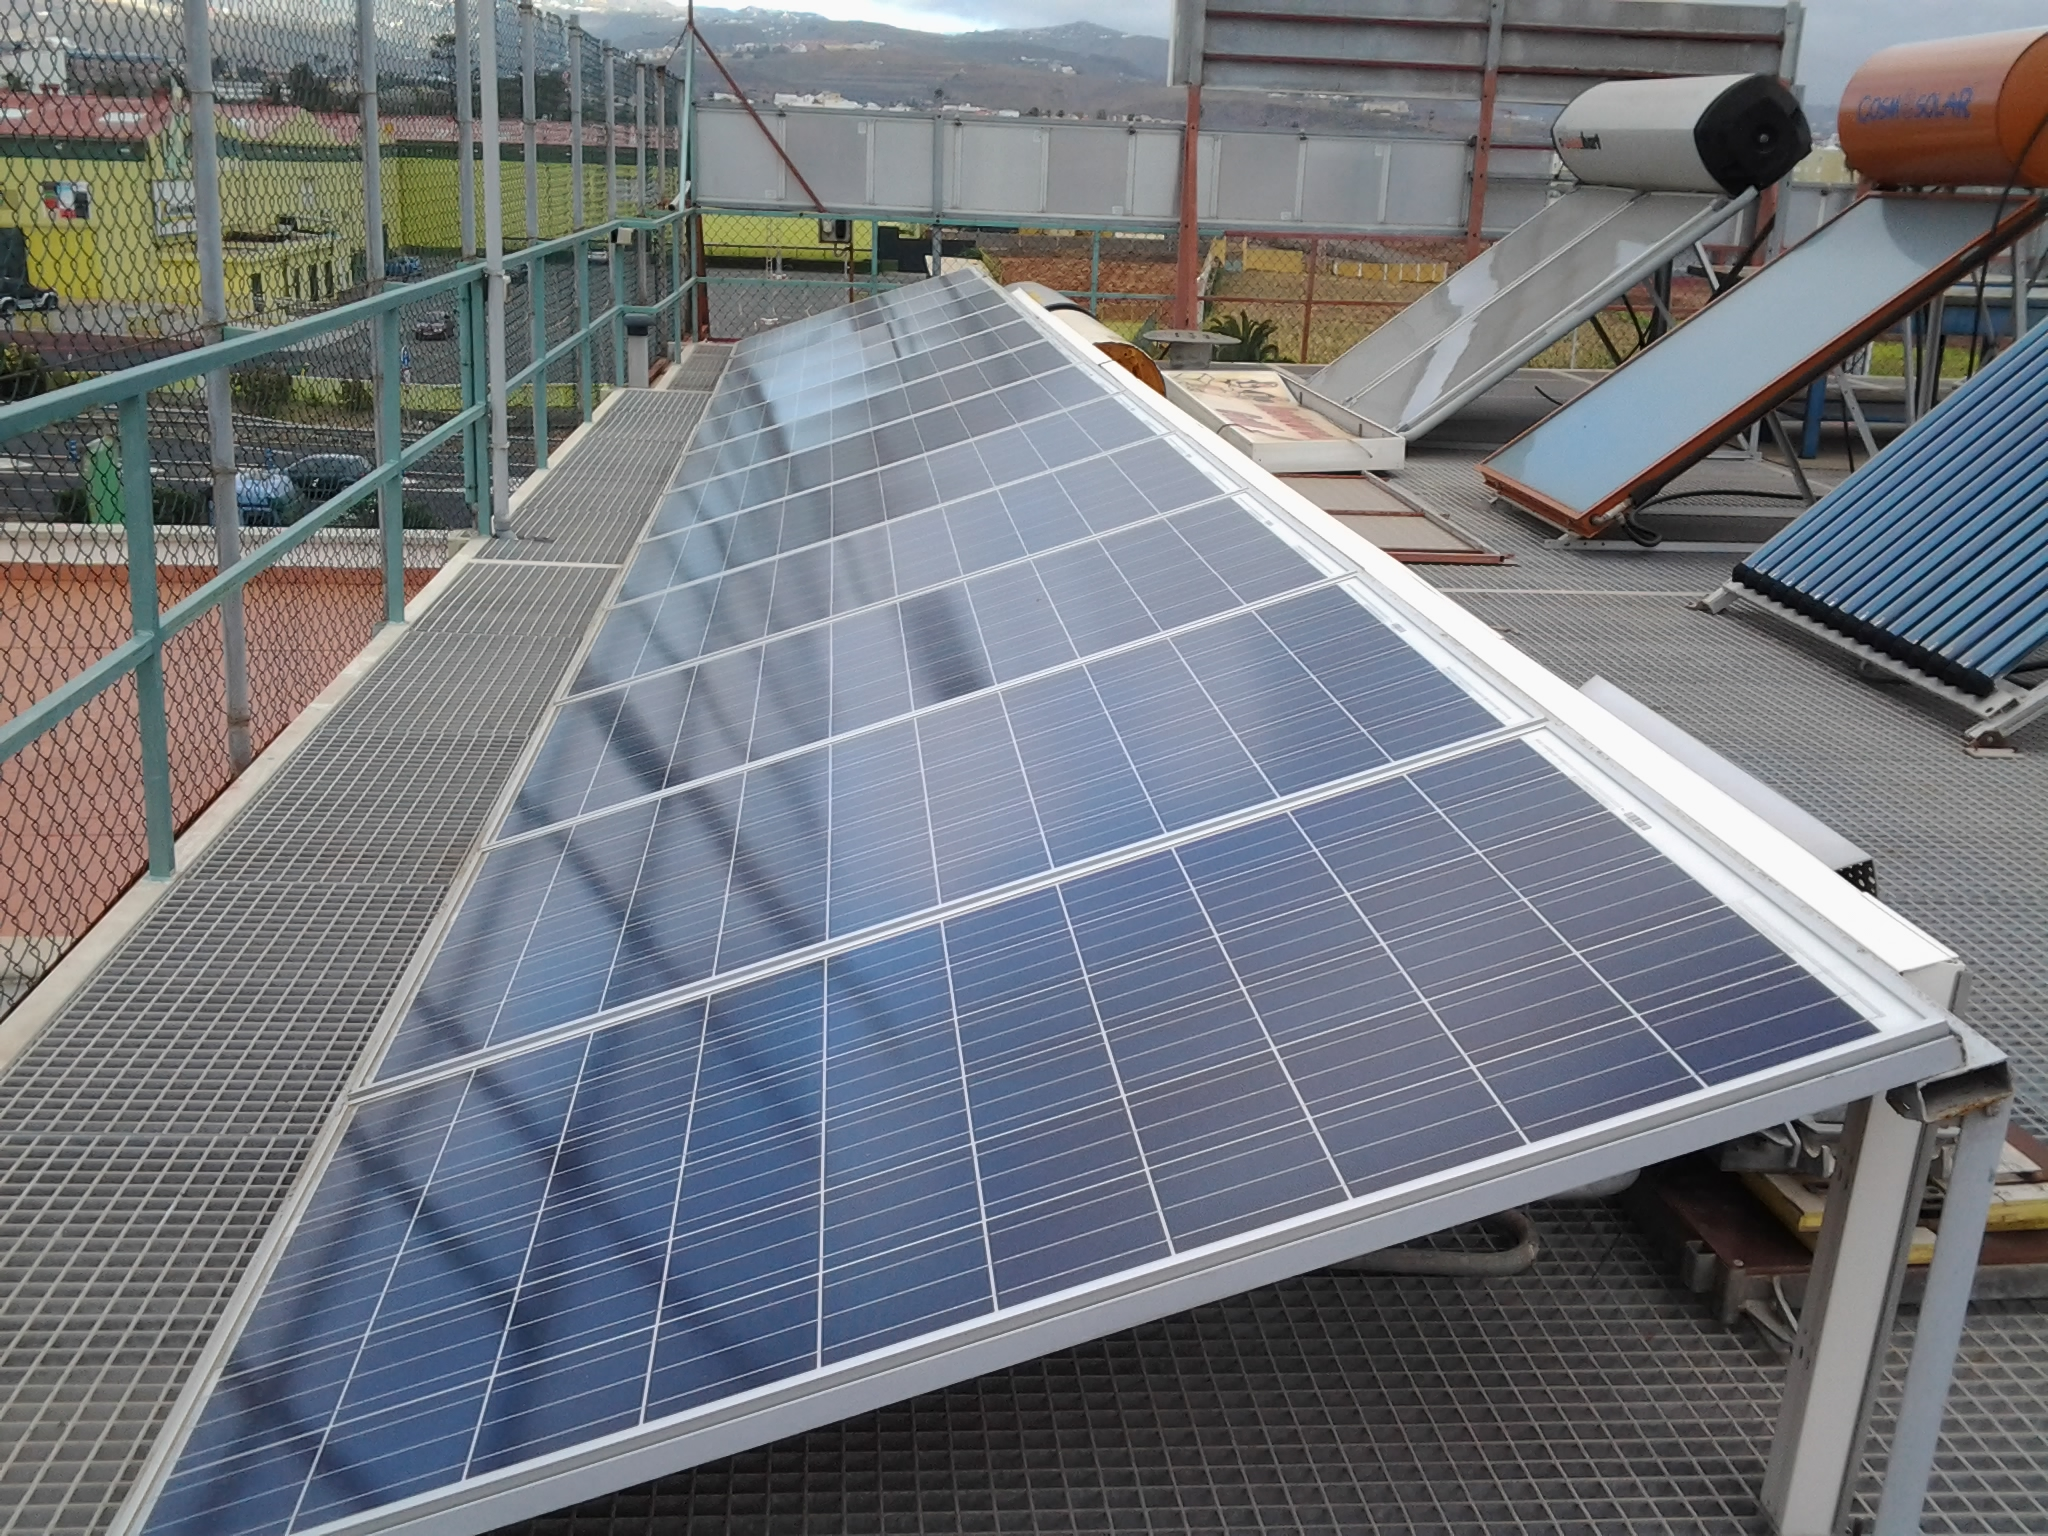 Montaje y mantenimiento de instalaciones solares fotovoltaicas - CENFOC Las Palmas de Gran Canaria